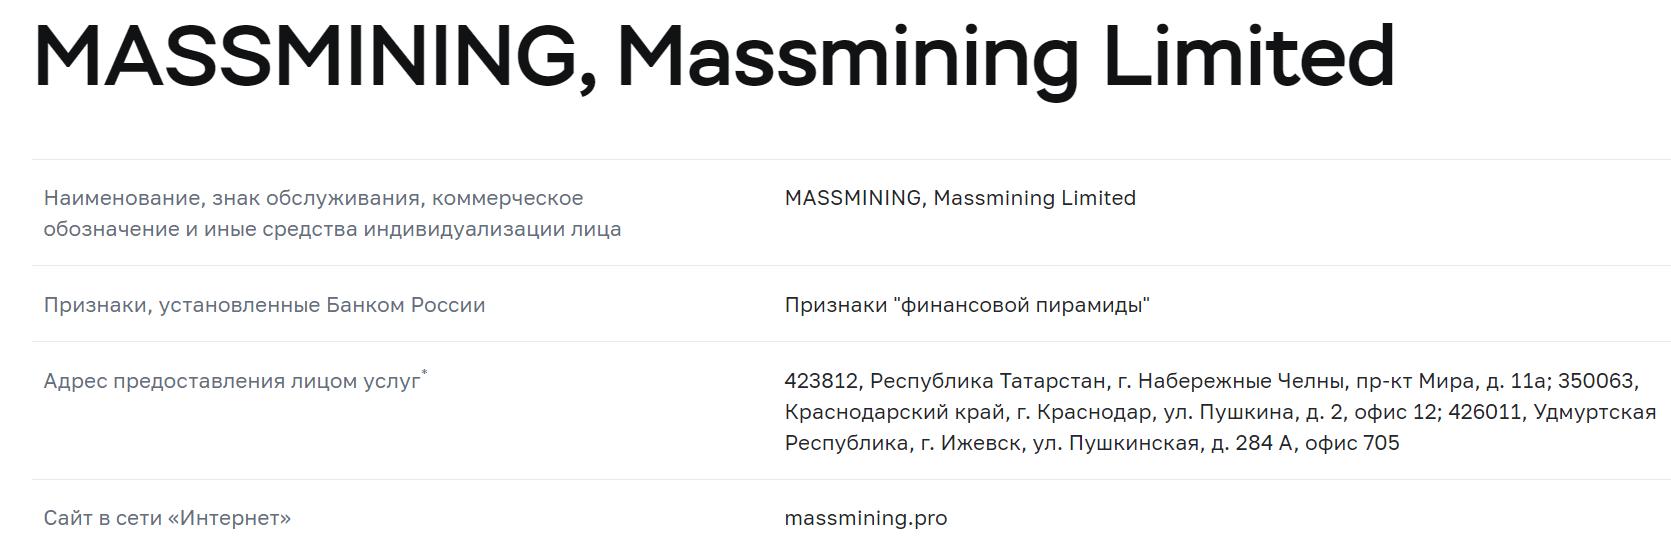 Полный обзор майнинговой компании Massmining, Фото № 3 - 1-consult.net